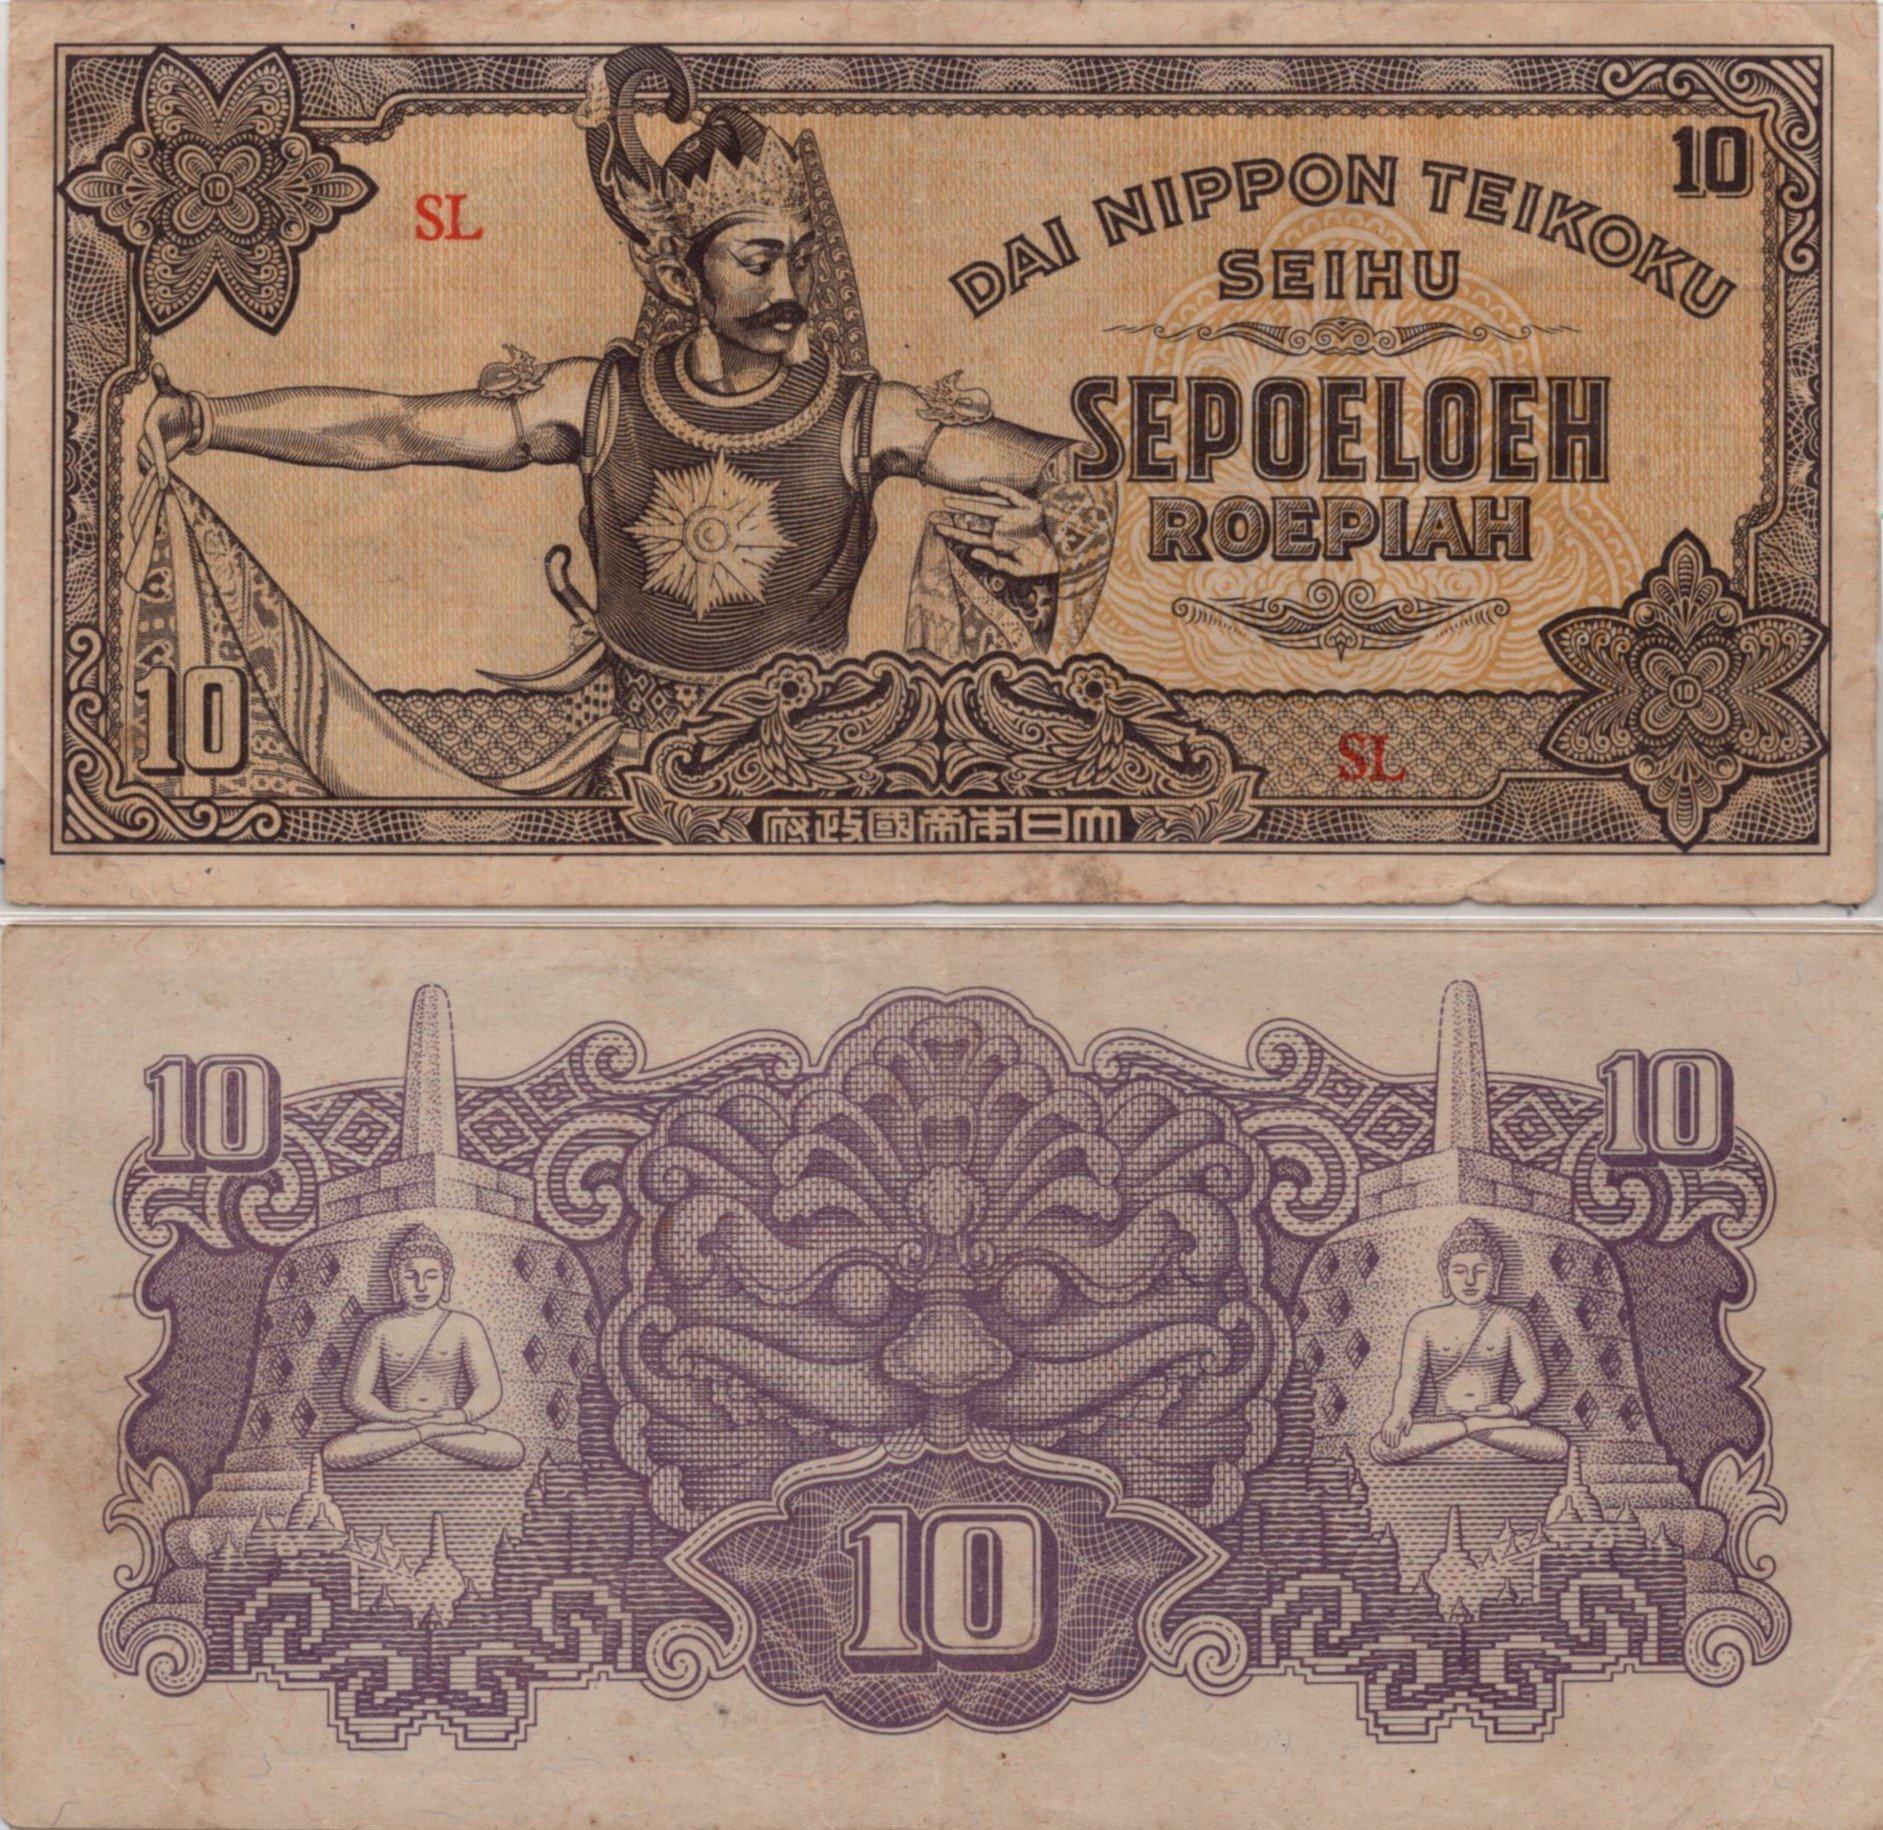 netherland indies 100